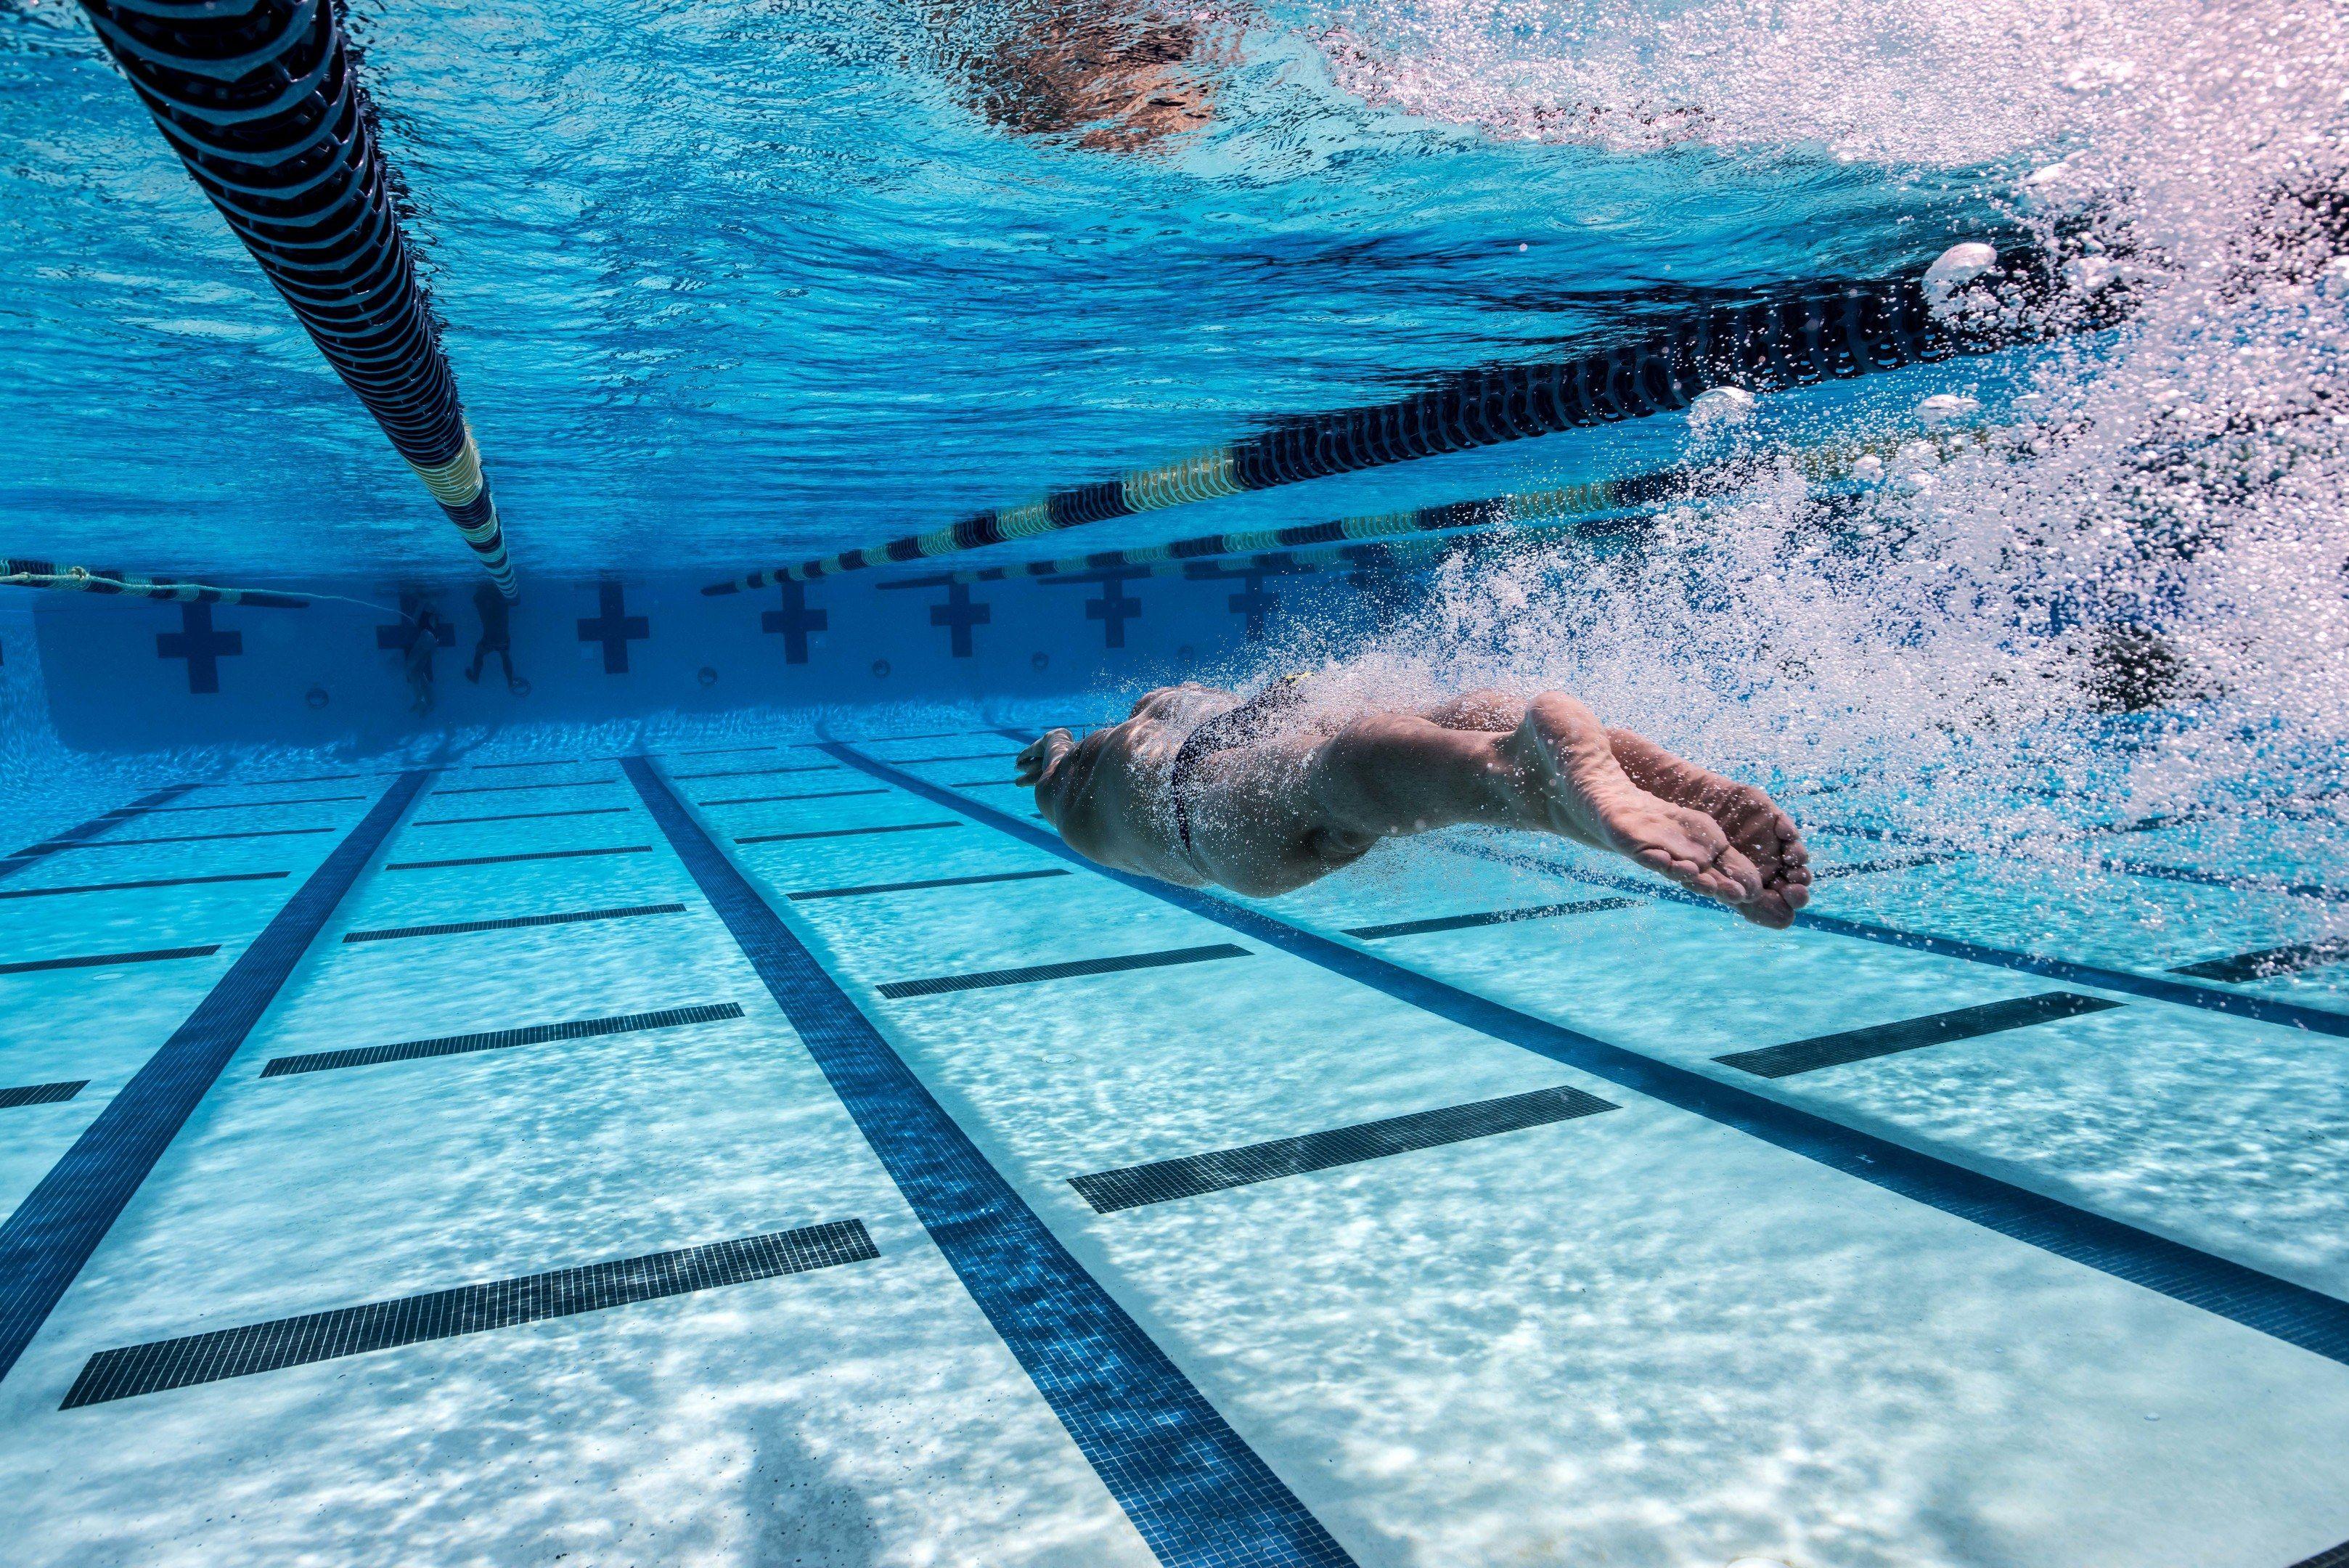 Идеальный вид спорта для астматика - плавание